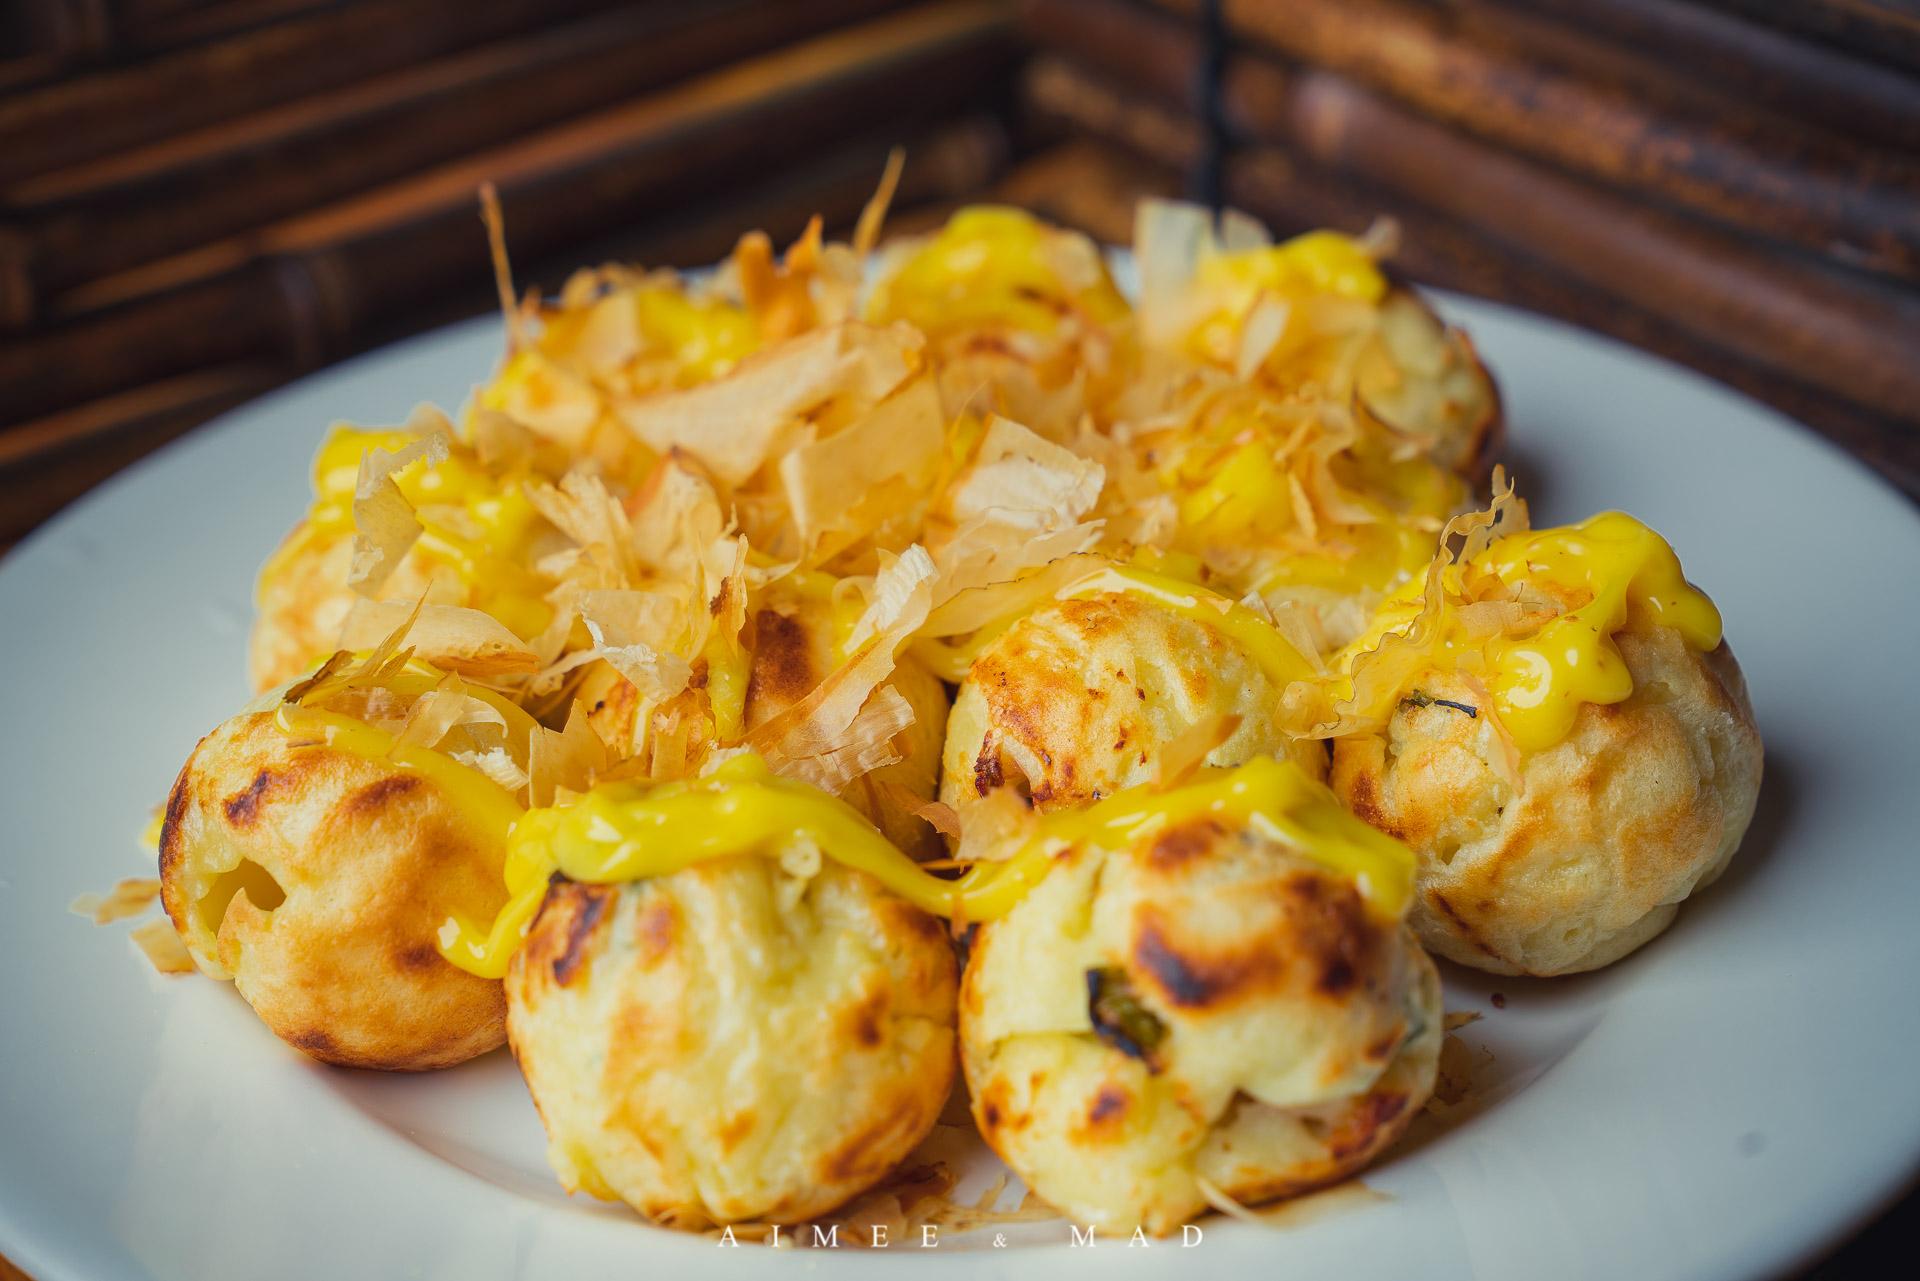 【自製章魚燒】吃六盤總共72顆章魚燒,要怎麼烤才比較好吃呢?